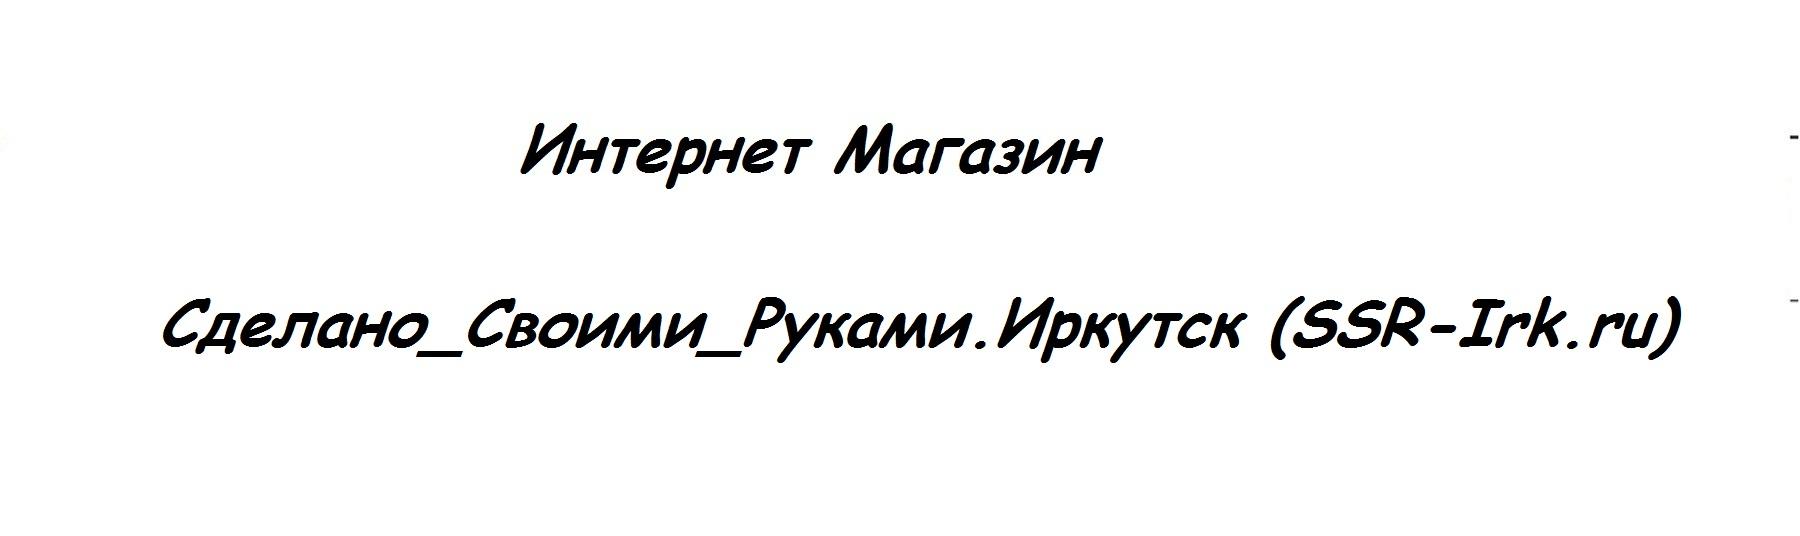 HandMade I-shop Irkutsk.  Сделано_своими_руками_Иркутск